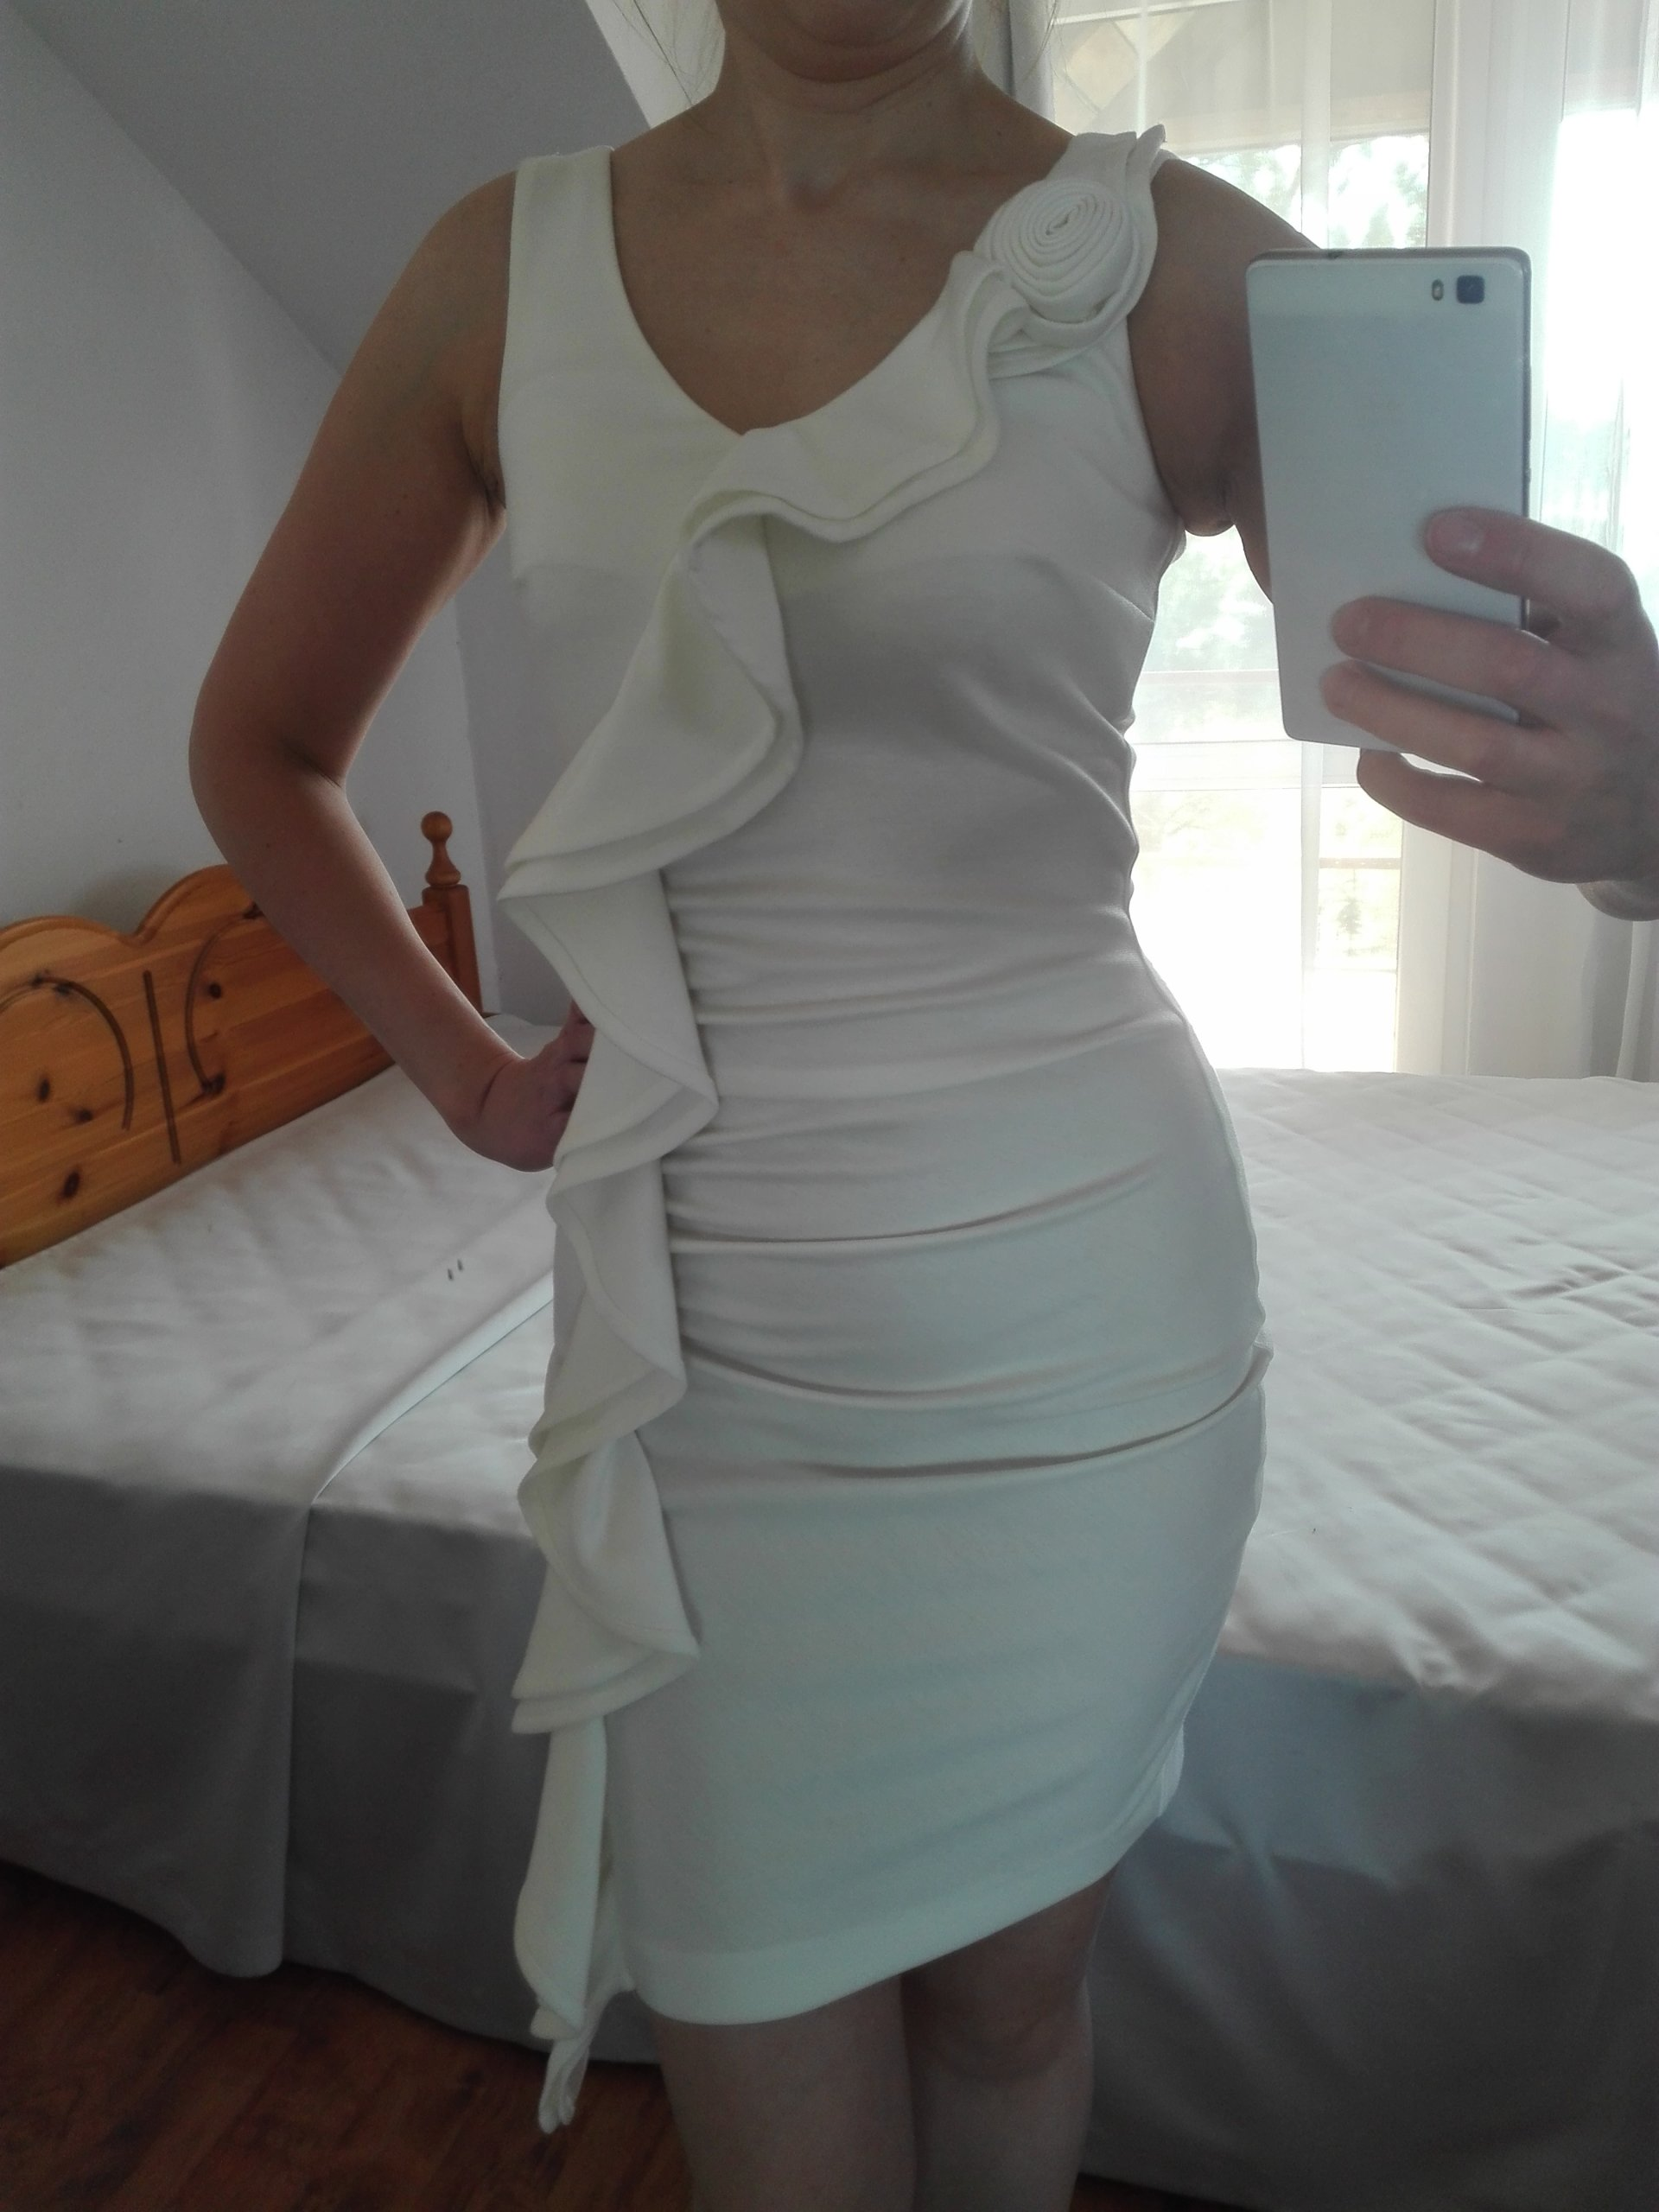 d404c58ffb sukienka biała 36 S na komunię wesele Pretty Girl - 7332891562 ...